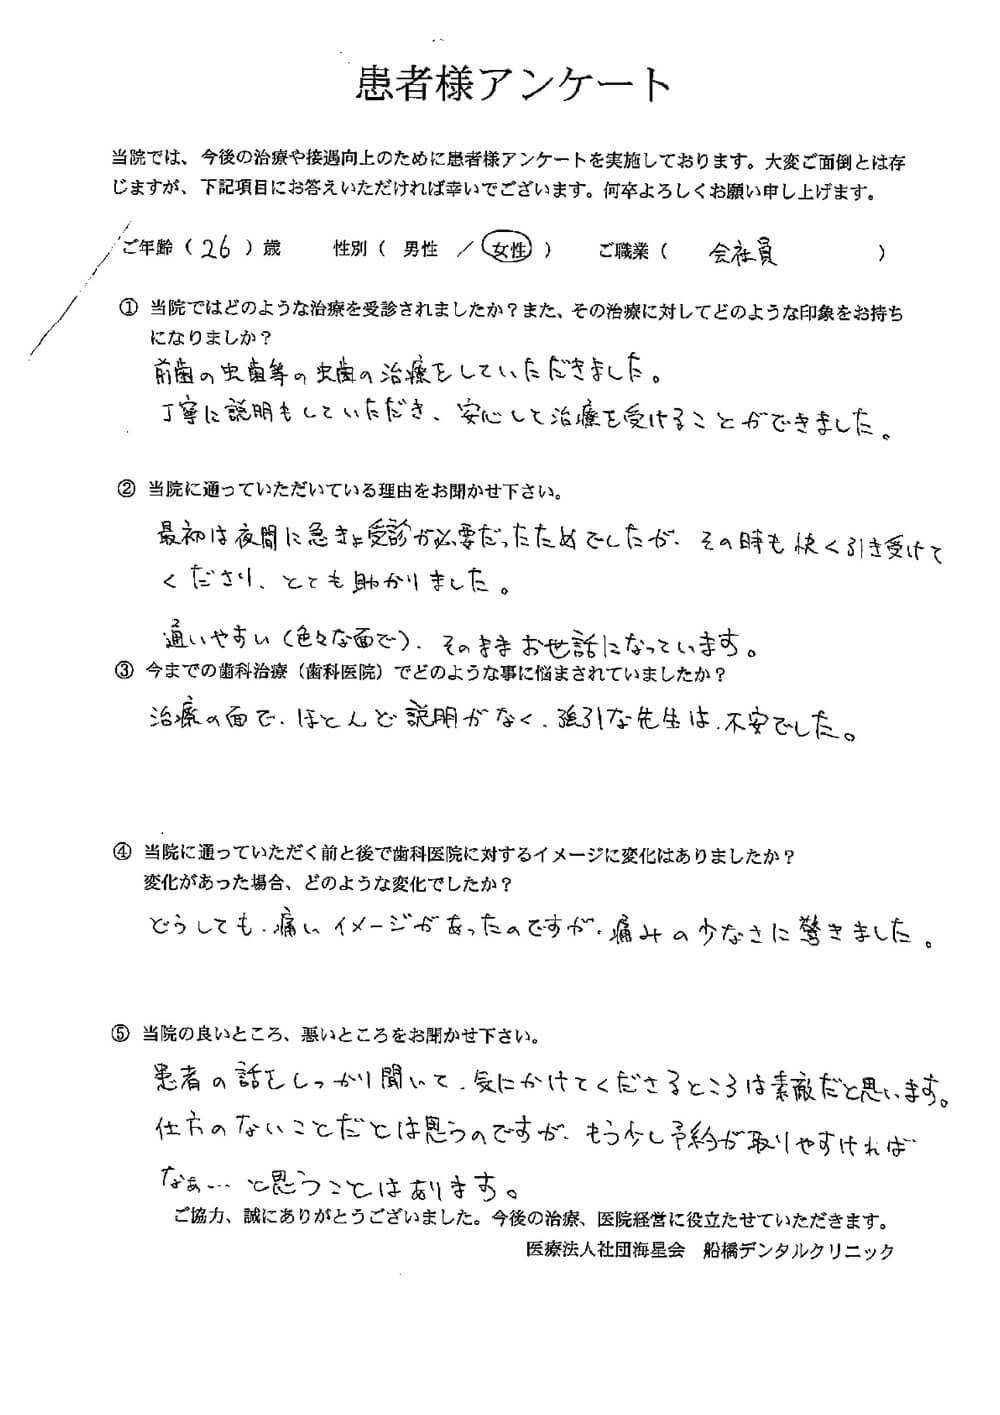 船橋デンタルクリニックの口コミ・評判アンケート2